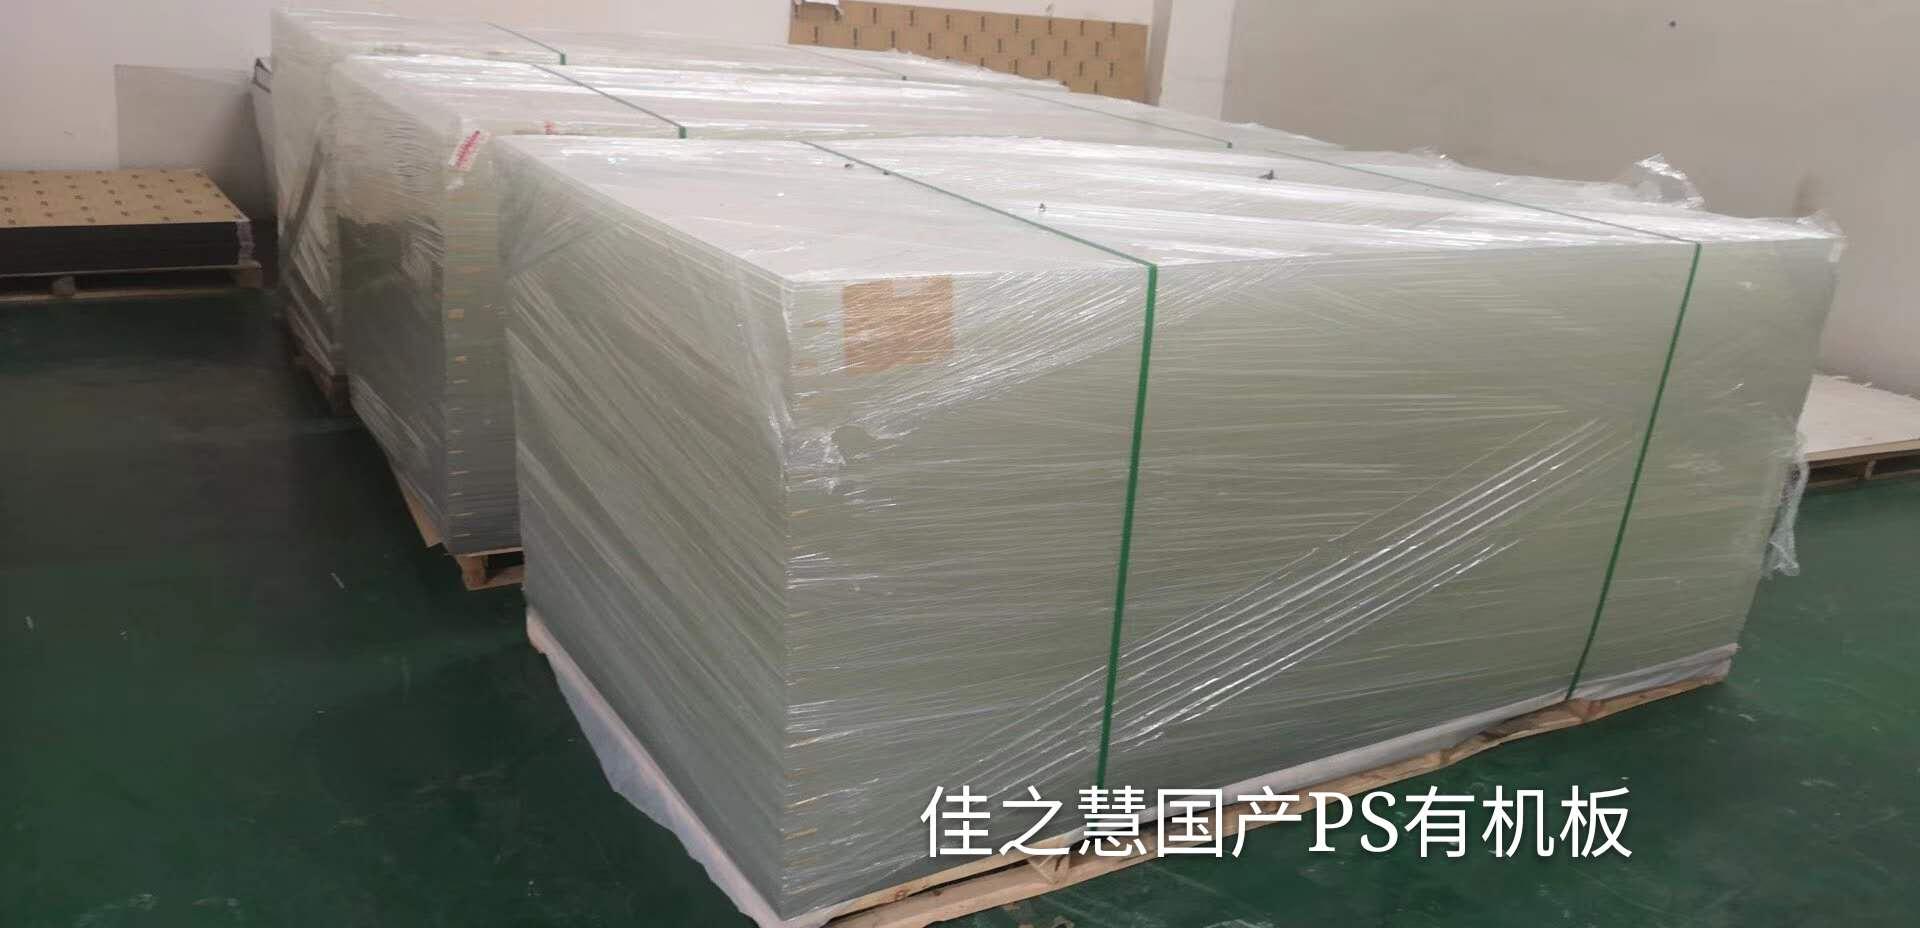 直售澆筑板,擠壓板,PS國產板